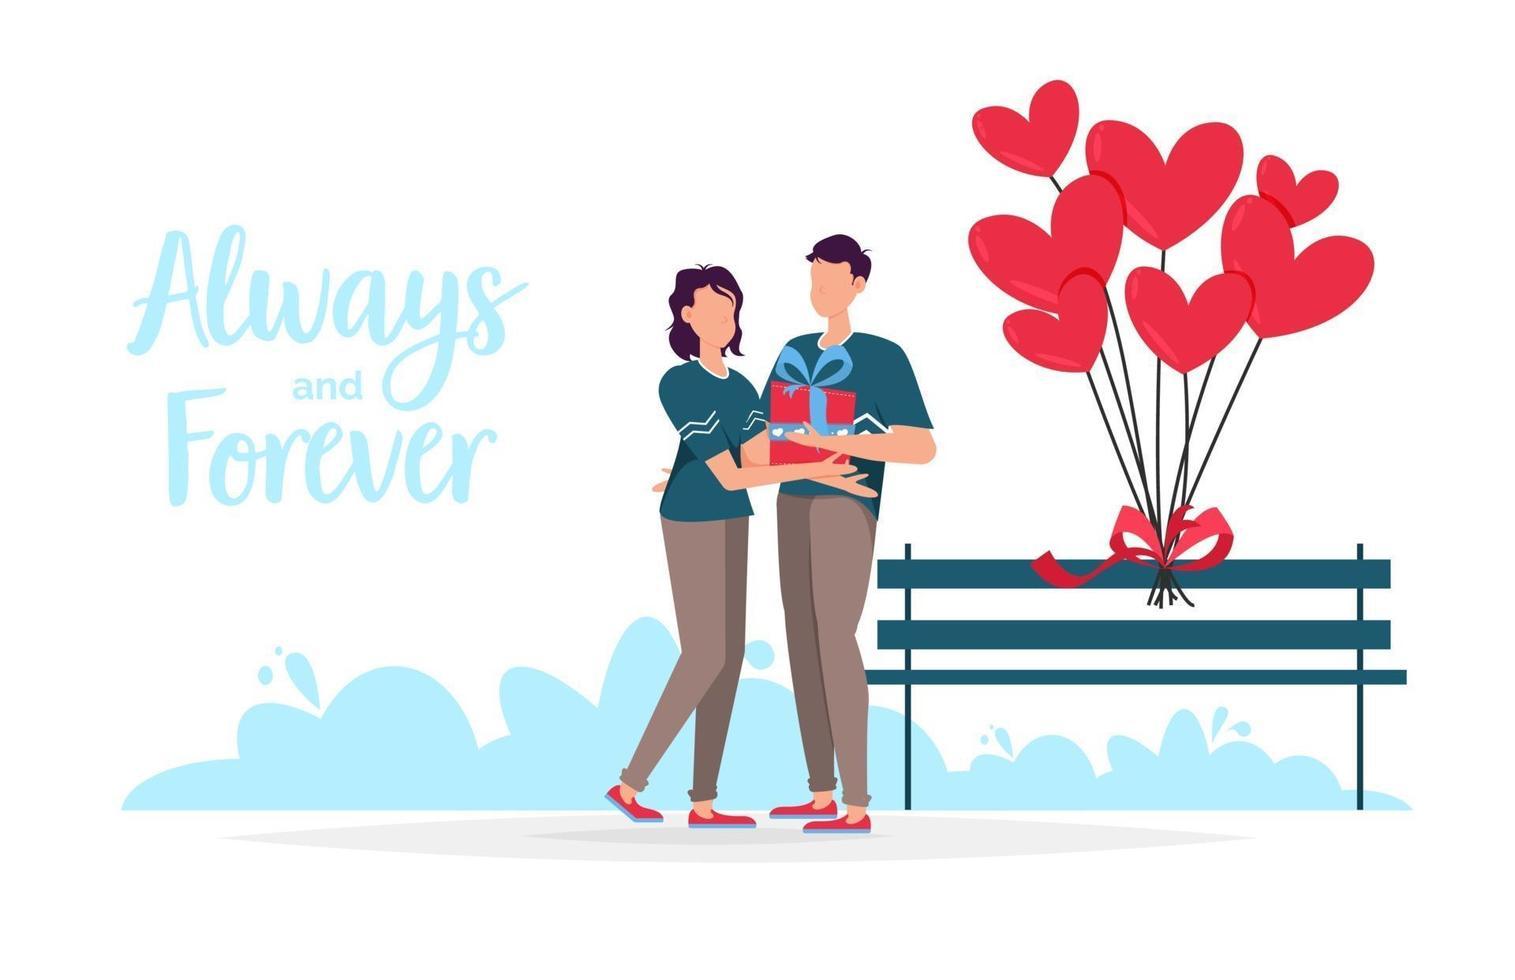 carte-cadeau de rencontre romantique Saint Valentin. amants relation deux personnes. aimant couple tenant un cadeau. vecteur